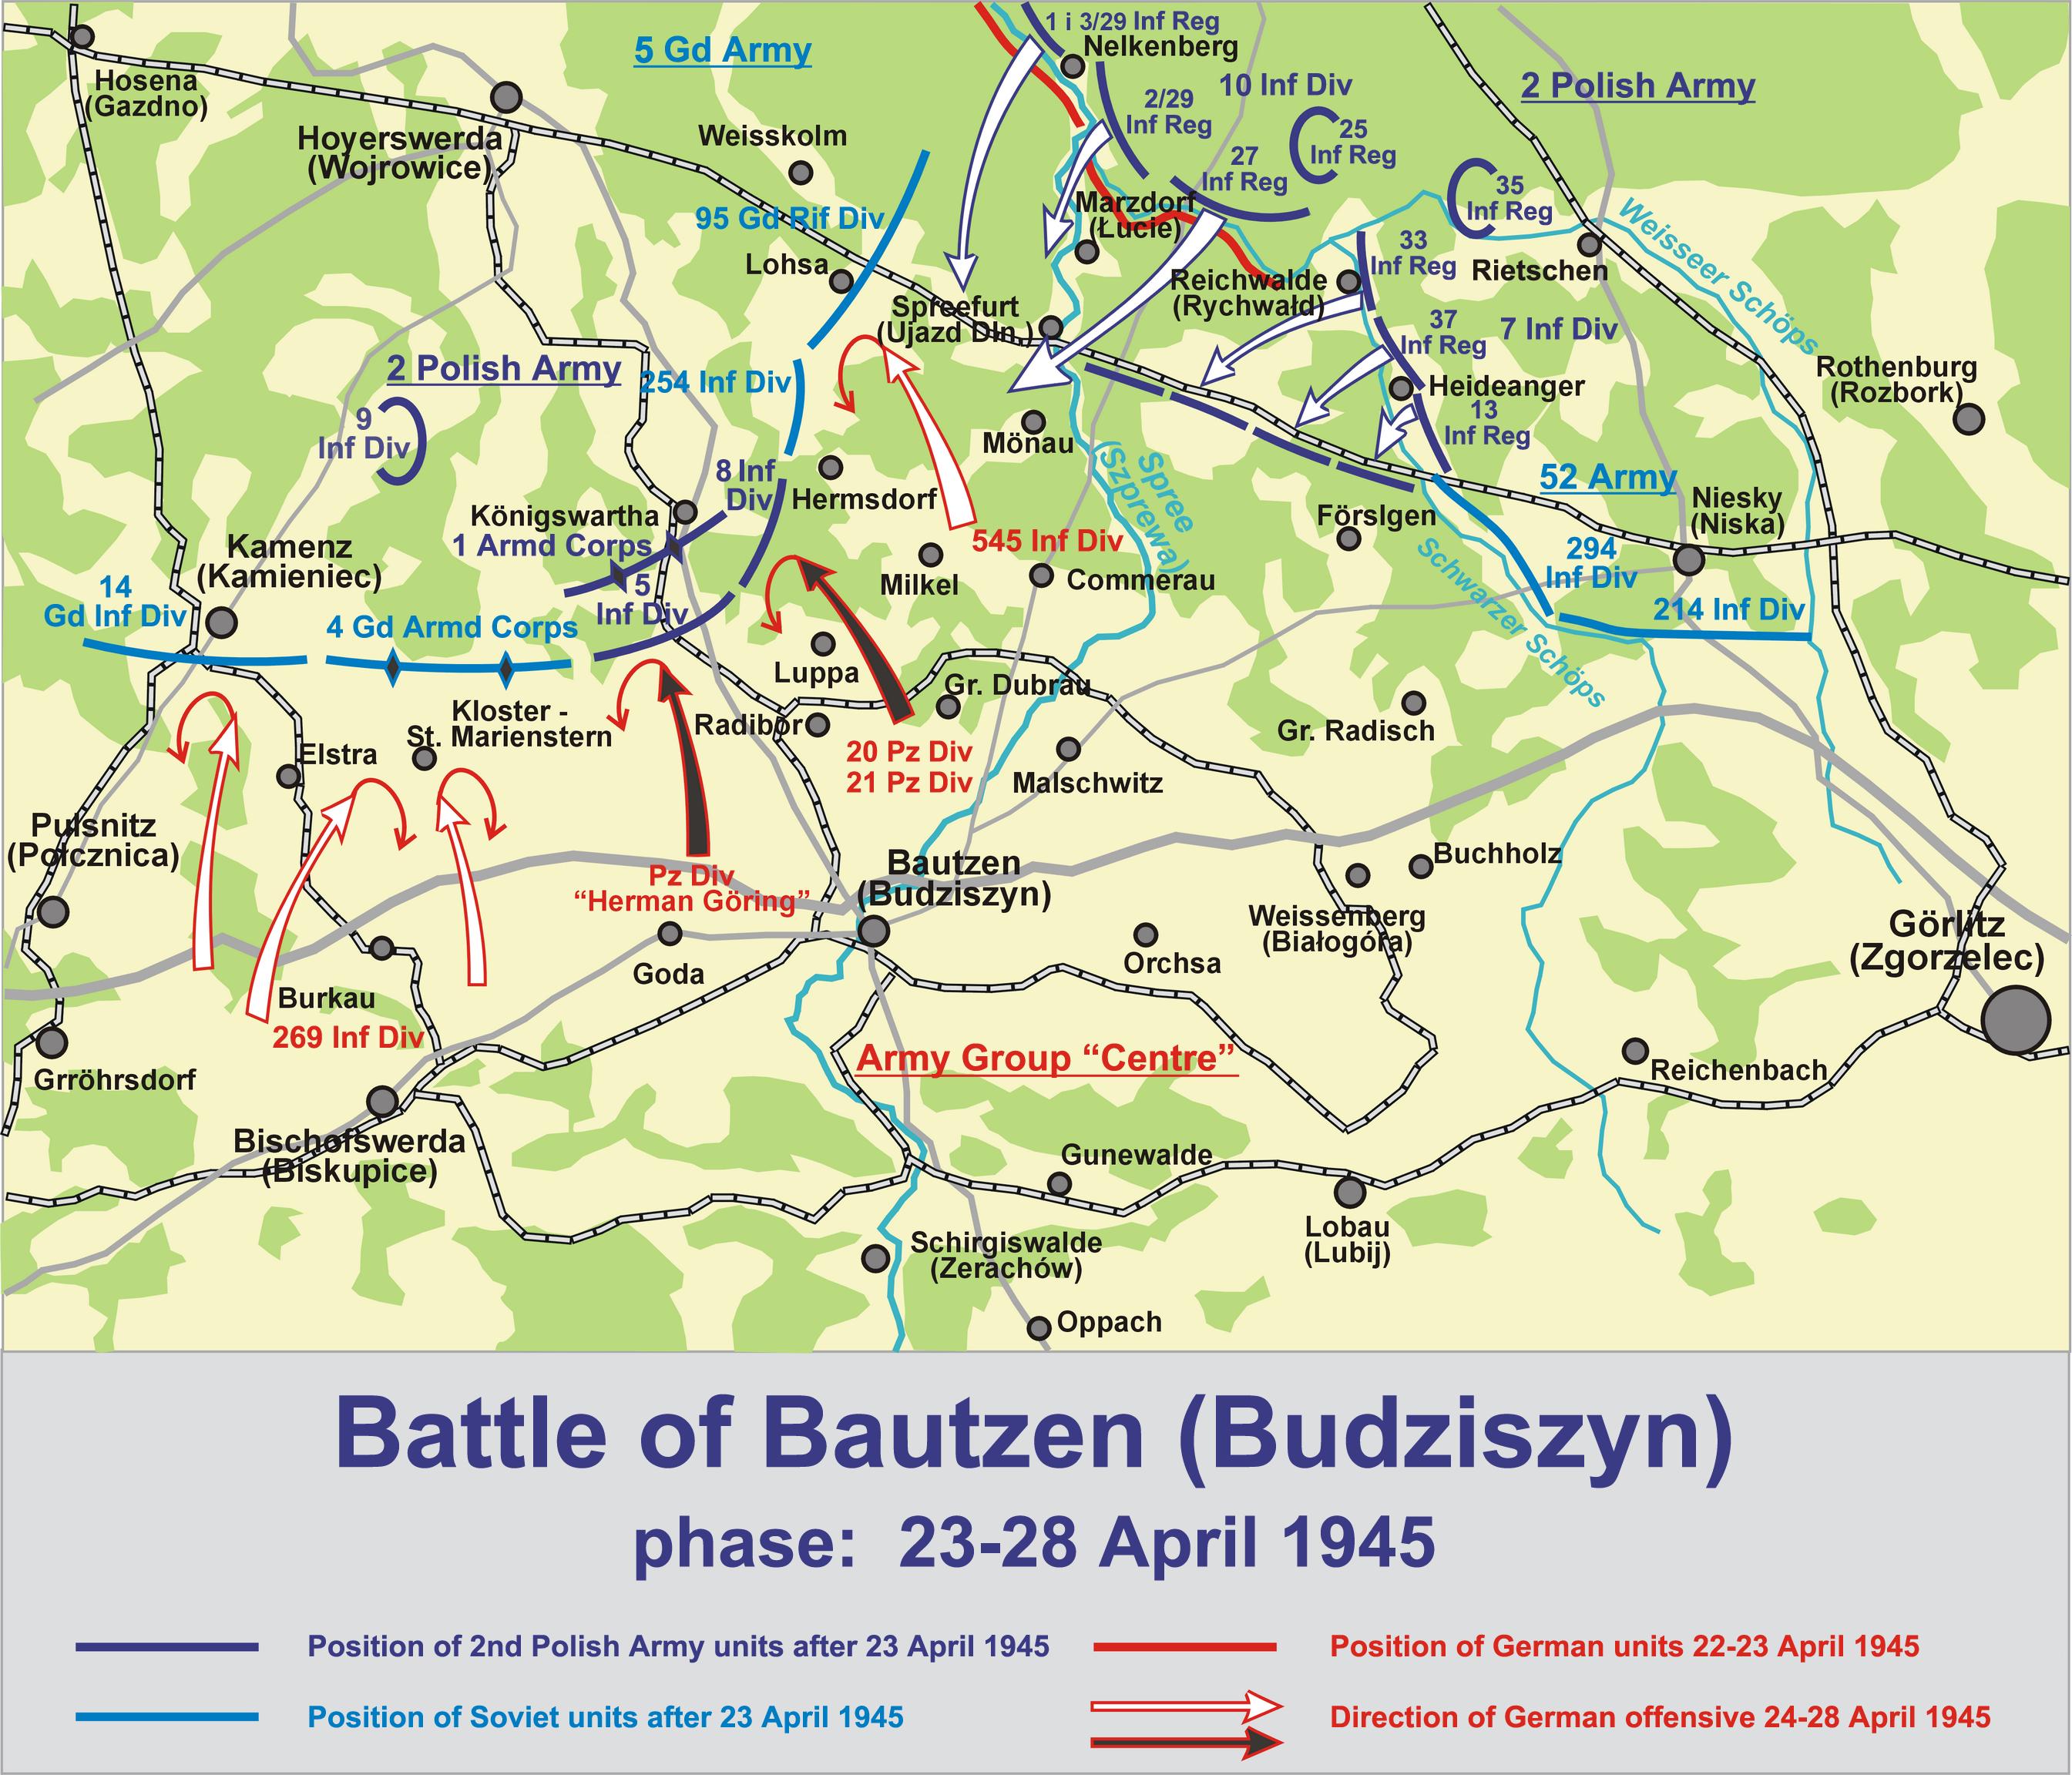 Battle Bautzen 1945 Map of The Battle of Bautzen